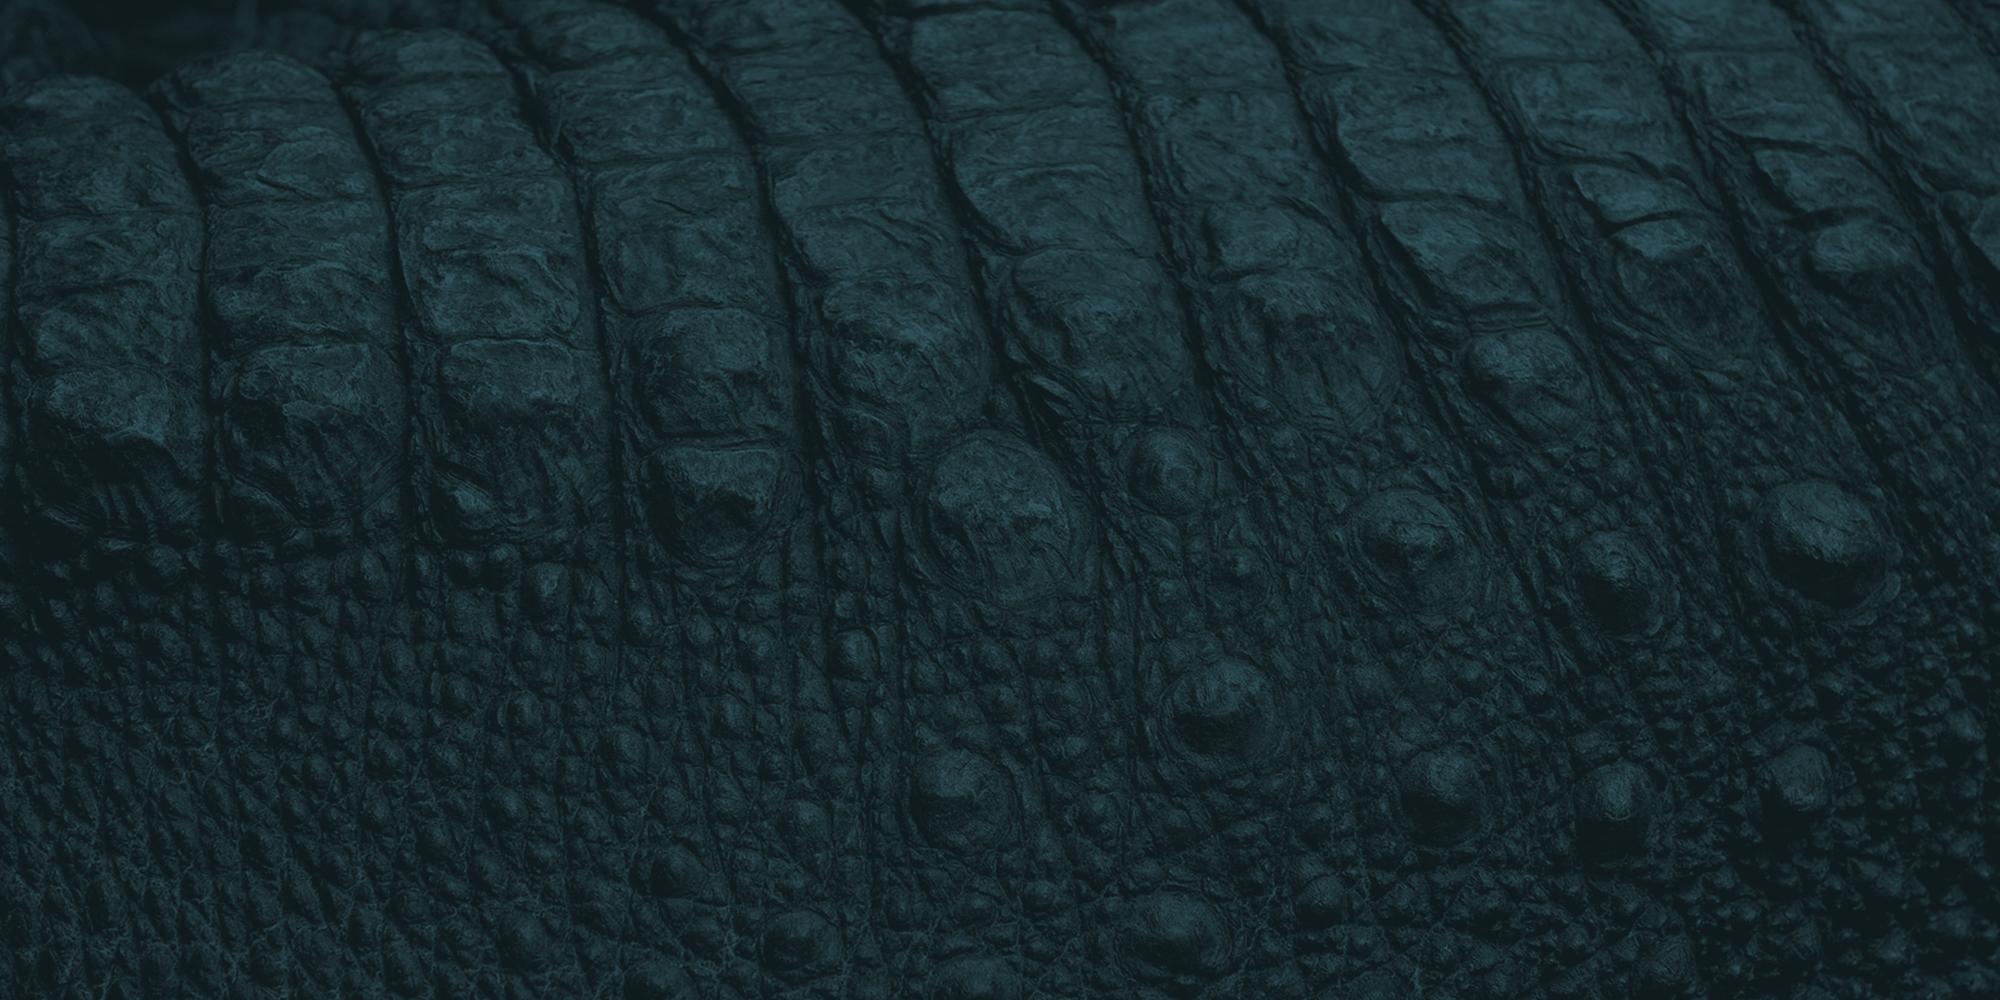 Background_02_DarkTeal